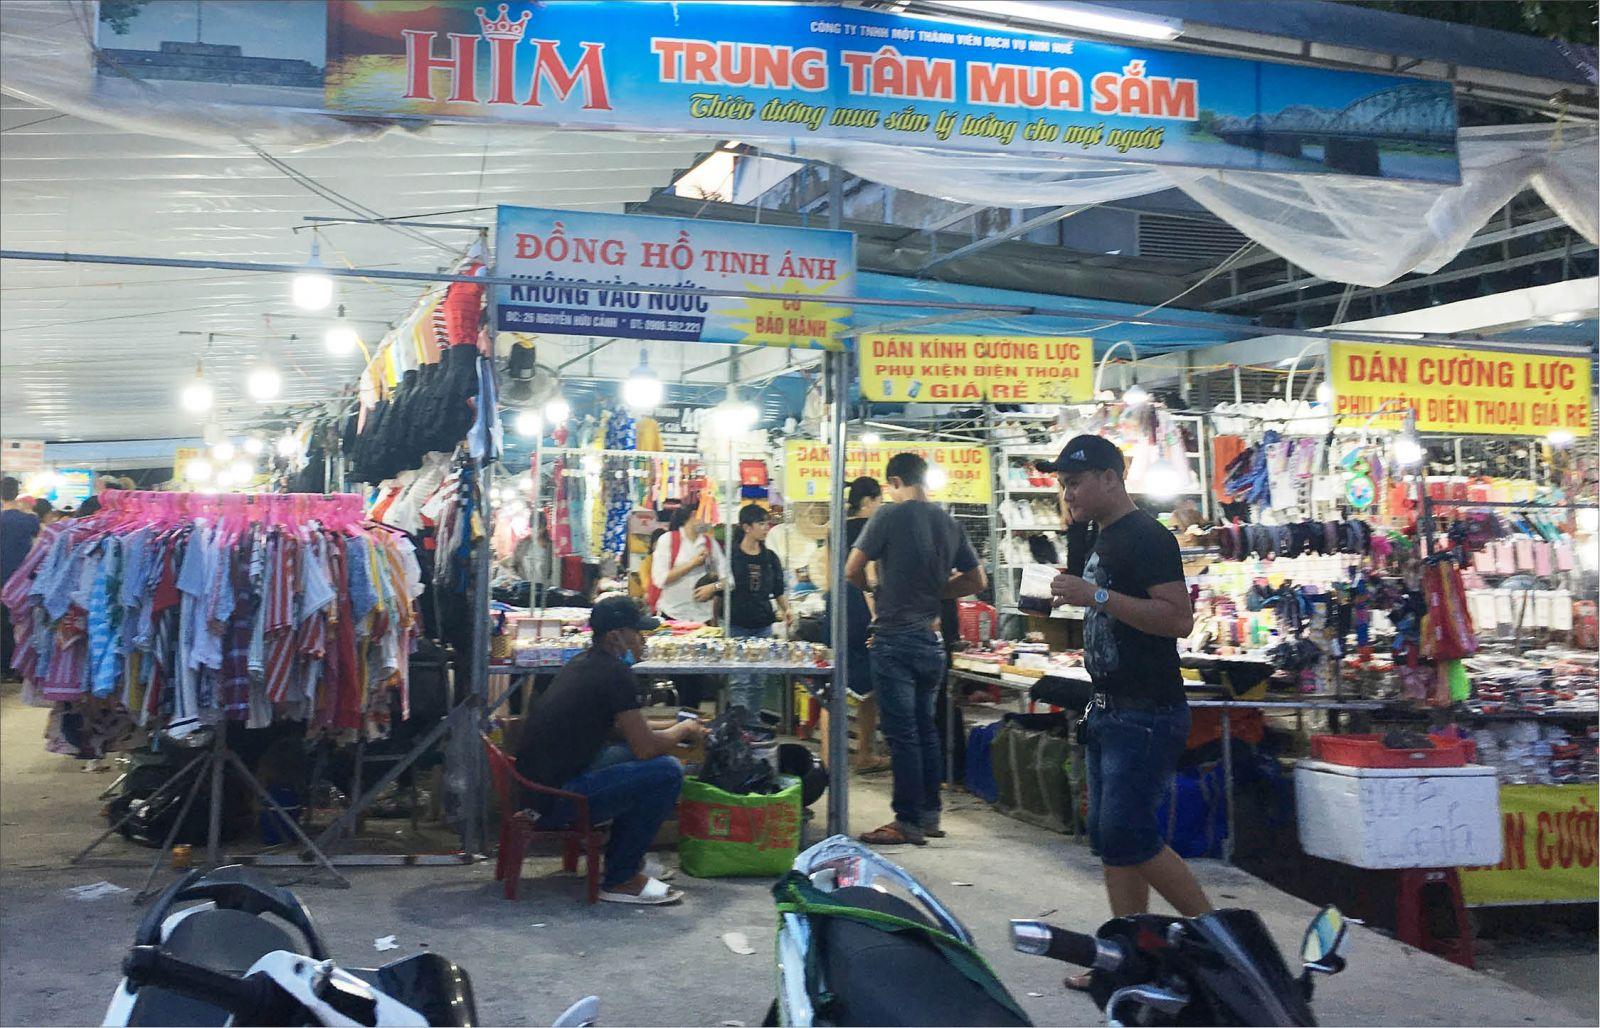 Chợ đêm ở Huế: Nơi đạt chuẩn vắng vẻ, chỗ tự phát nhộn nhịp